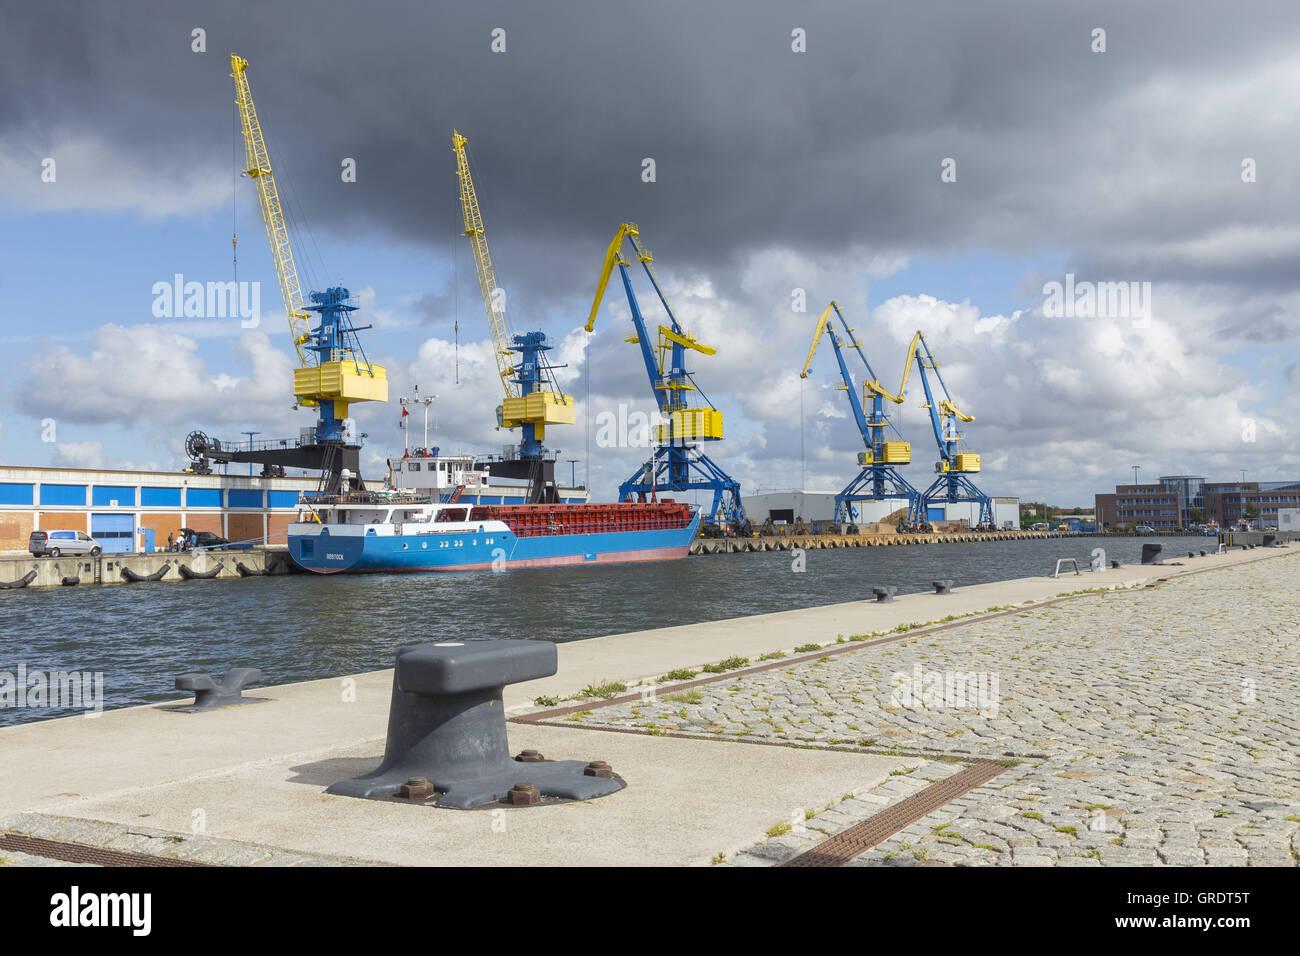 Five Large Industrial Cranes In The Port Of Wismar Mecklenburg-Vorpommern - Stock Image